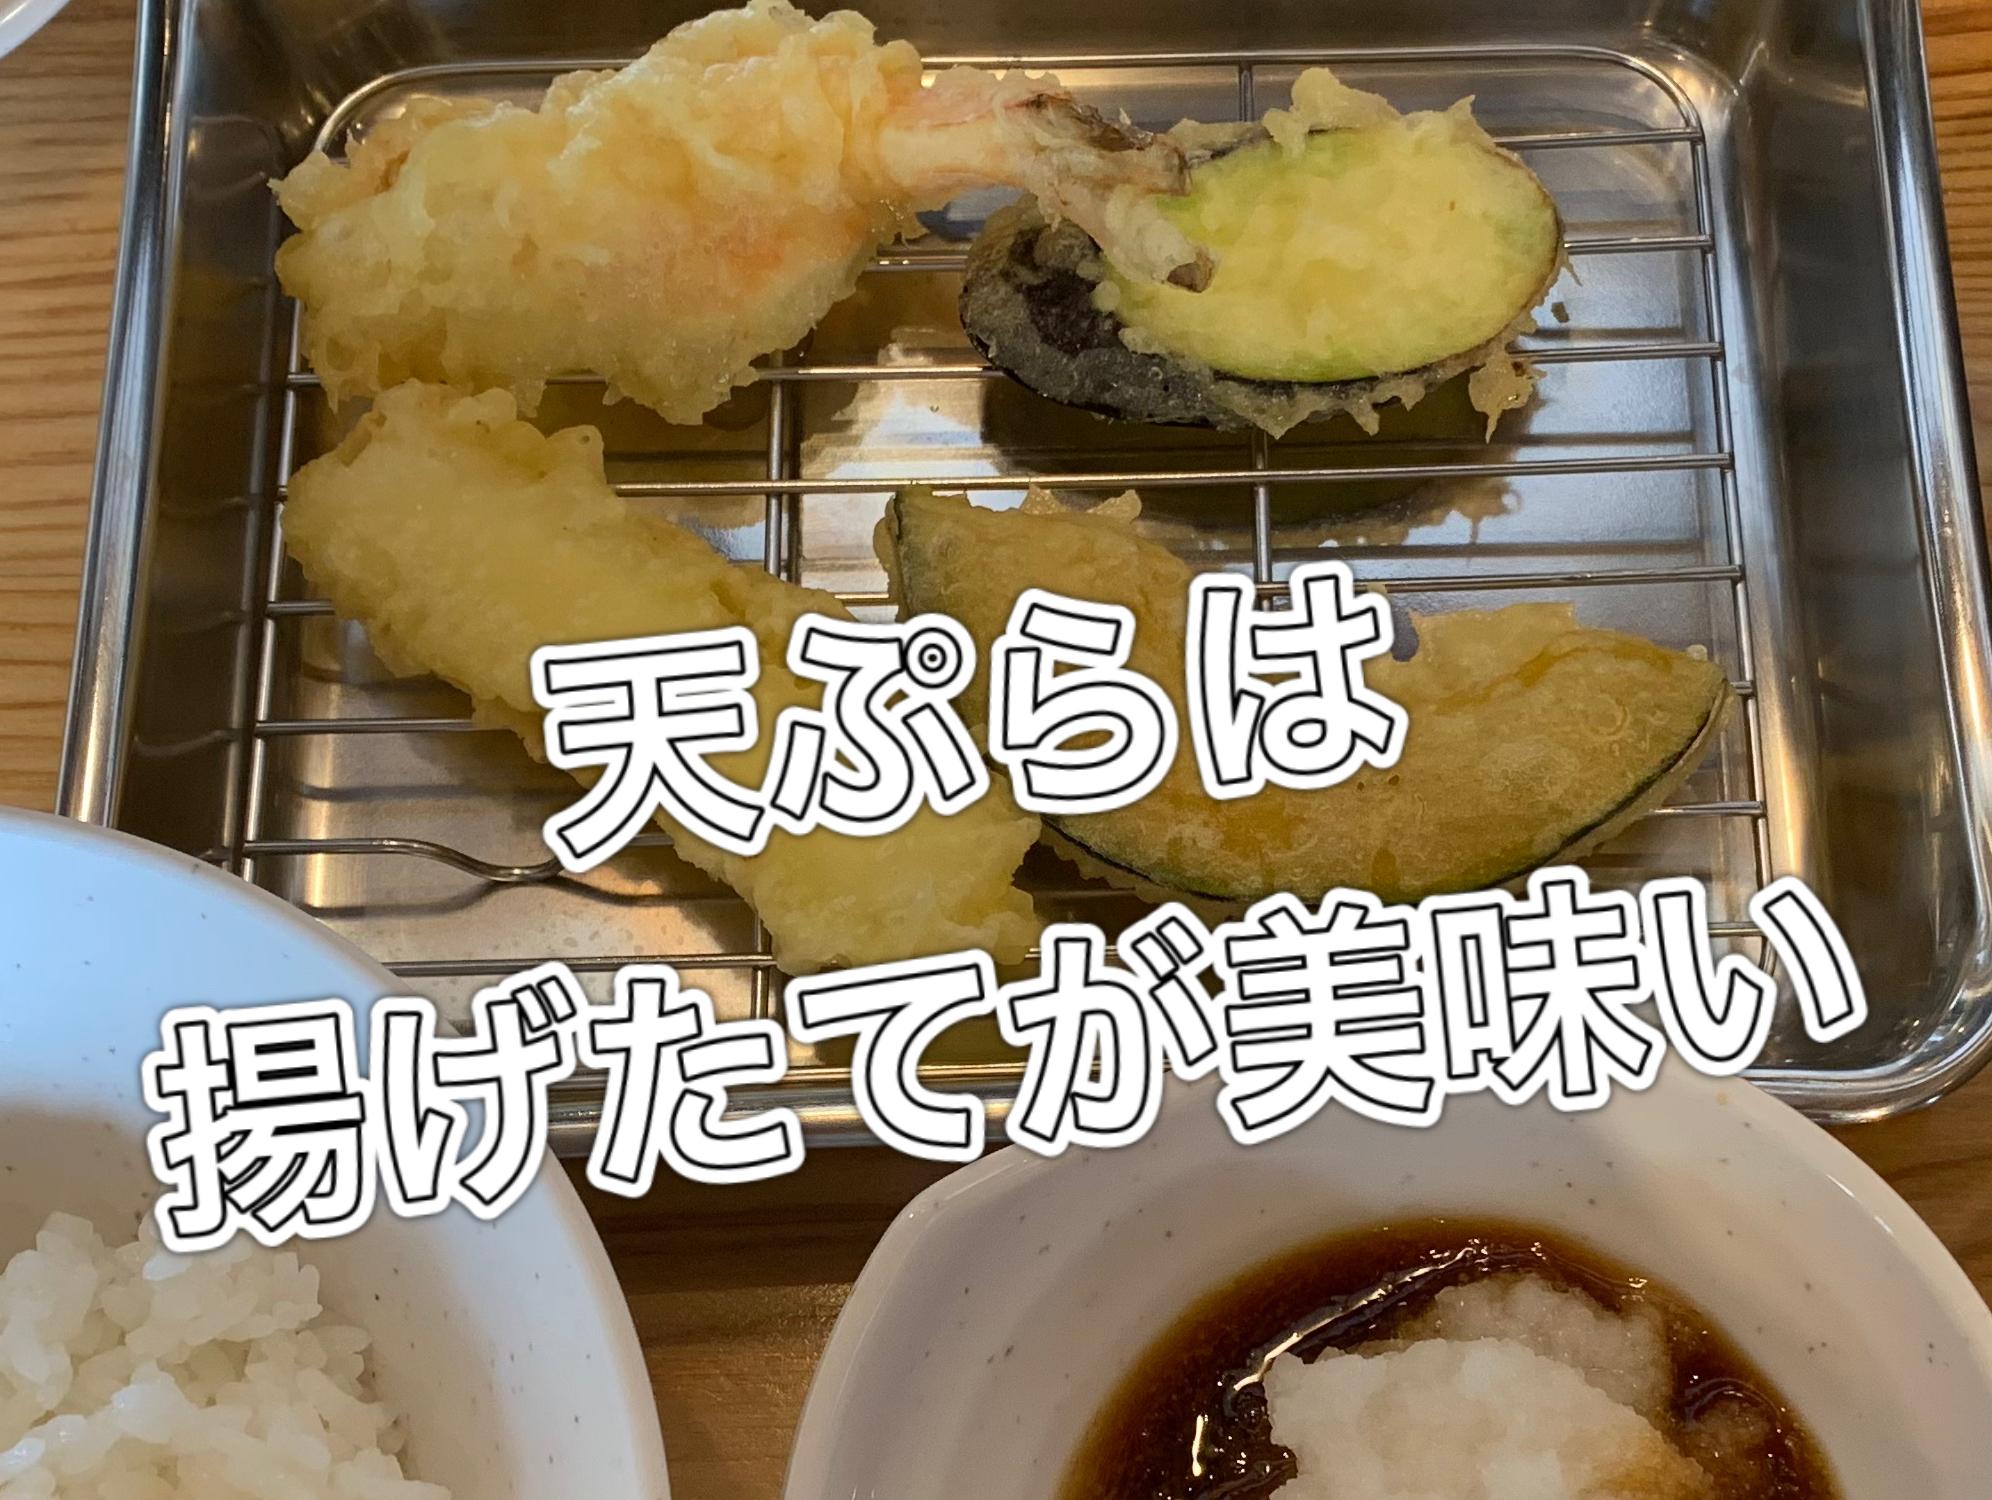 天ぷら定食専門店 天ぷらみなみ - 鹿児島市上福元町 - イメージ画像